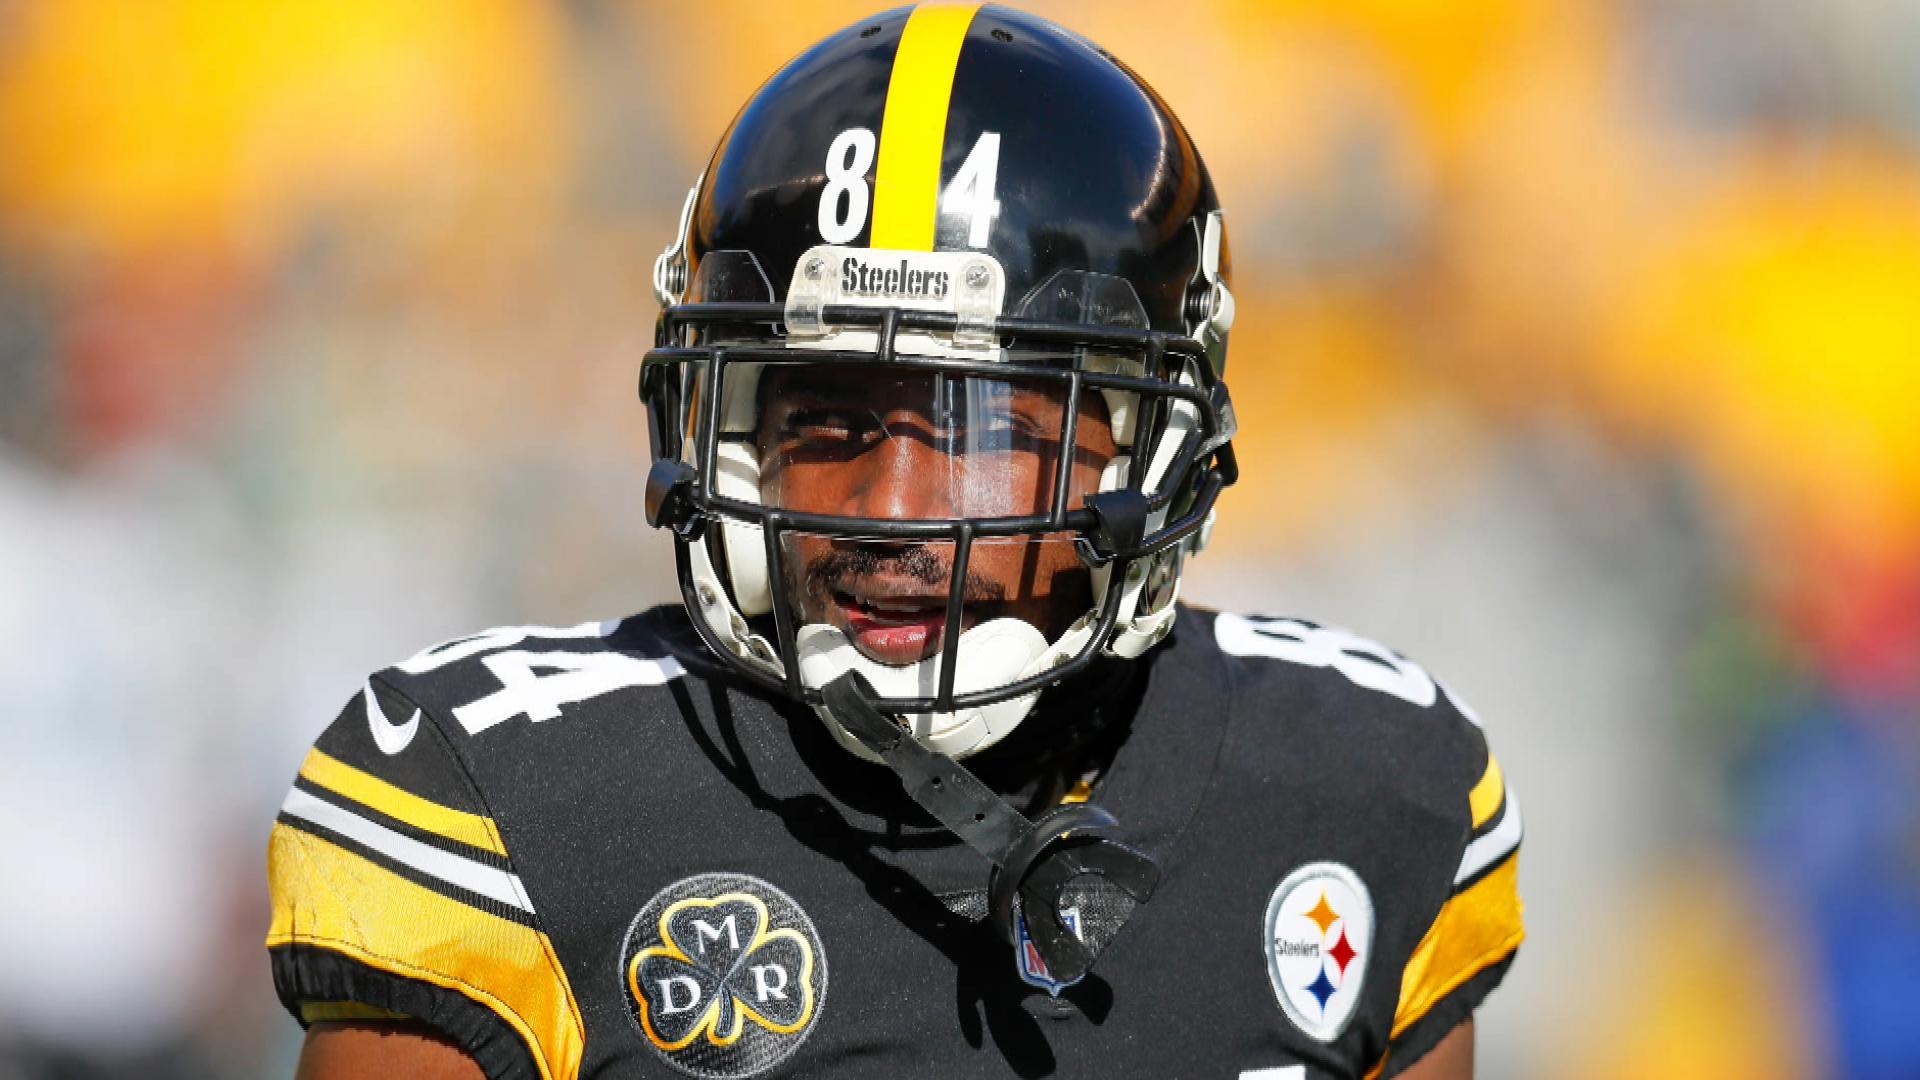 Steelers' Antonio Brown, Broncos' Emmanuel Sanders beef on Twitter